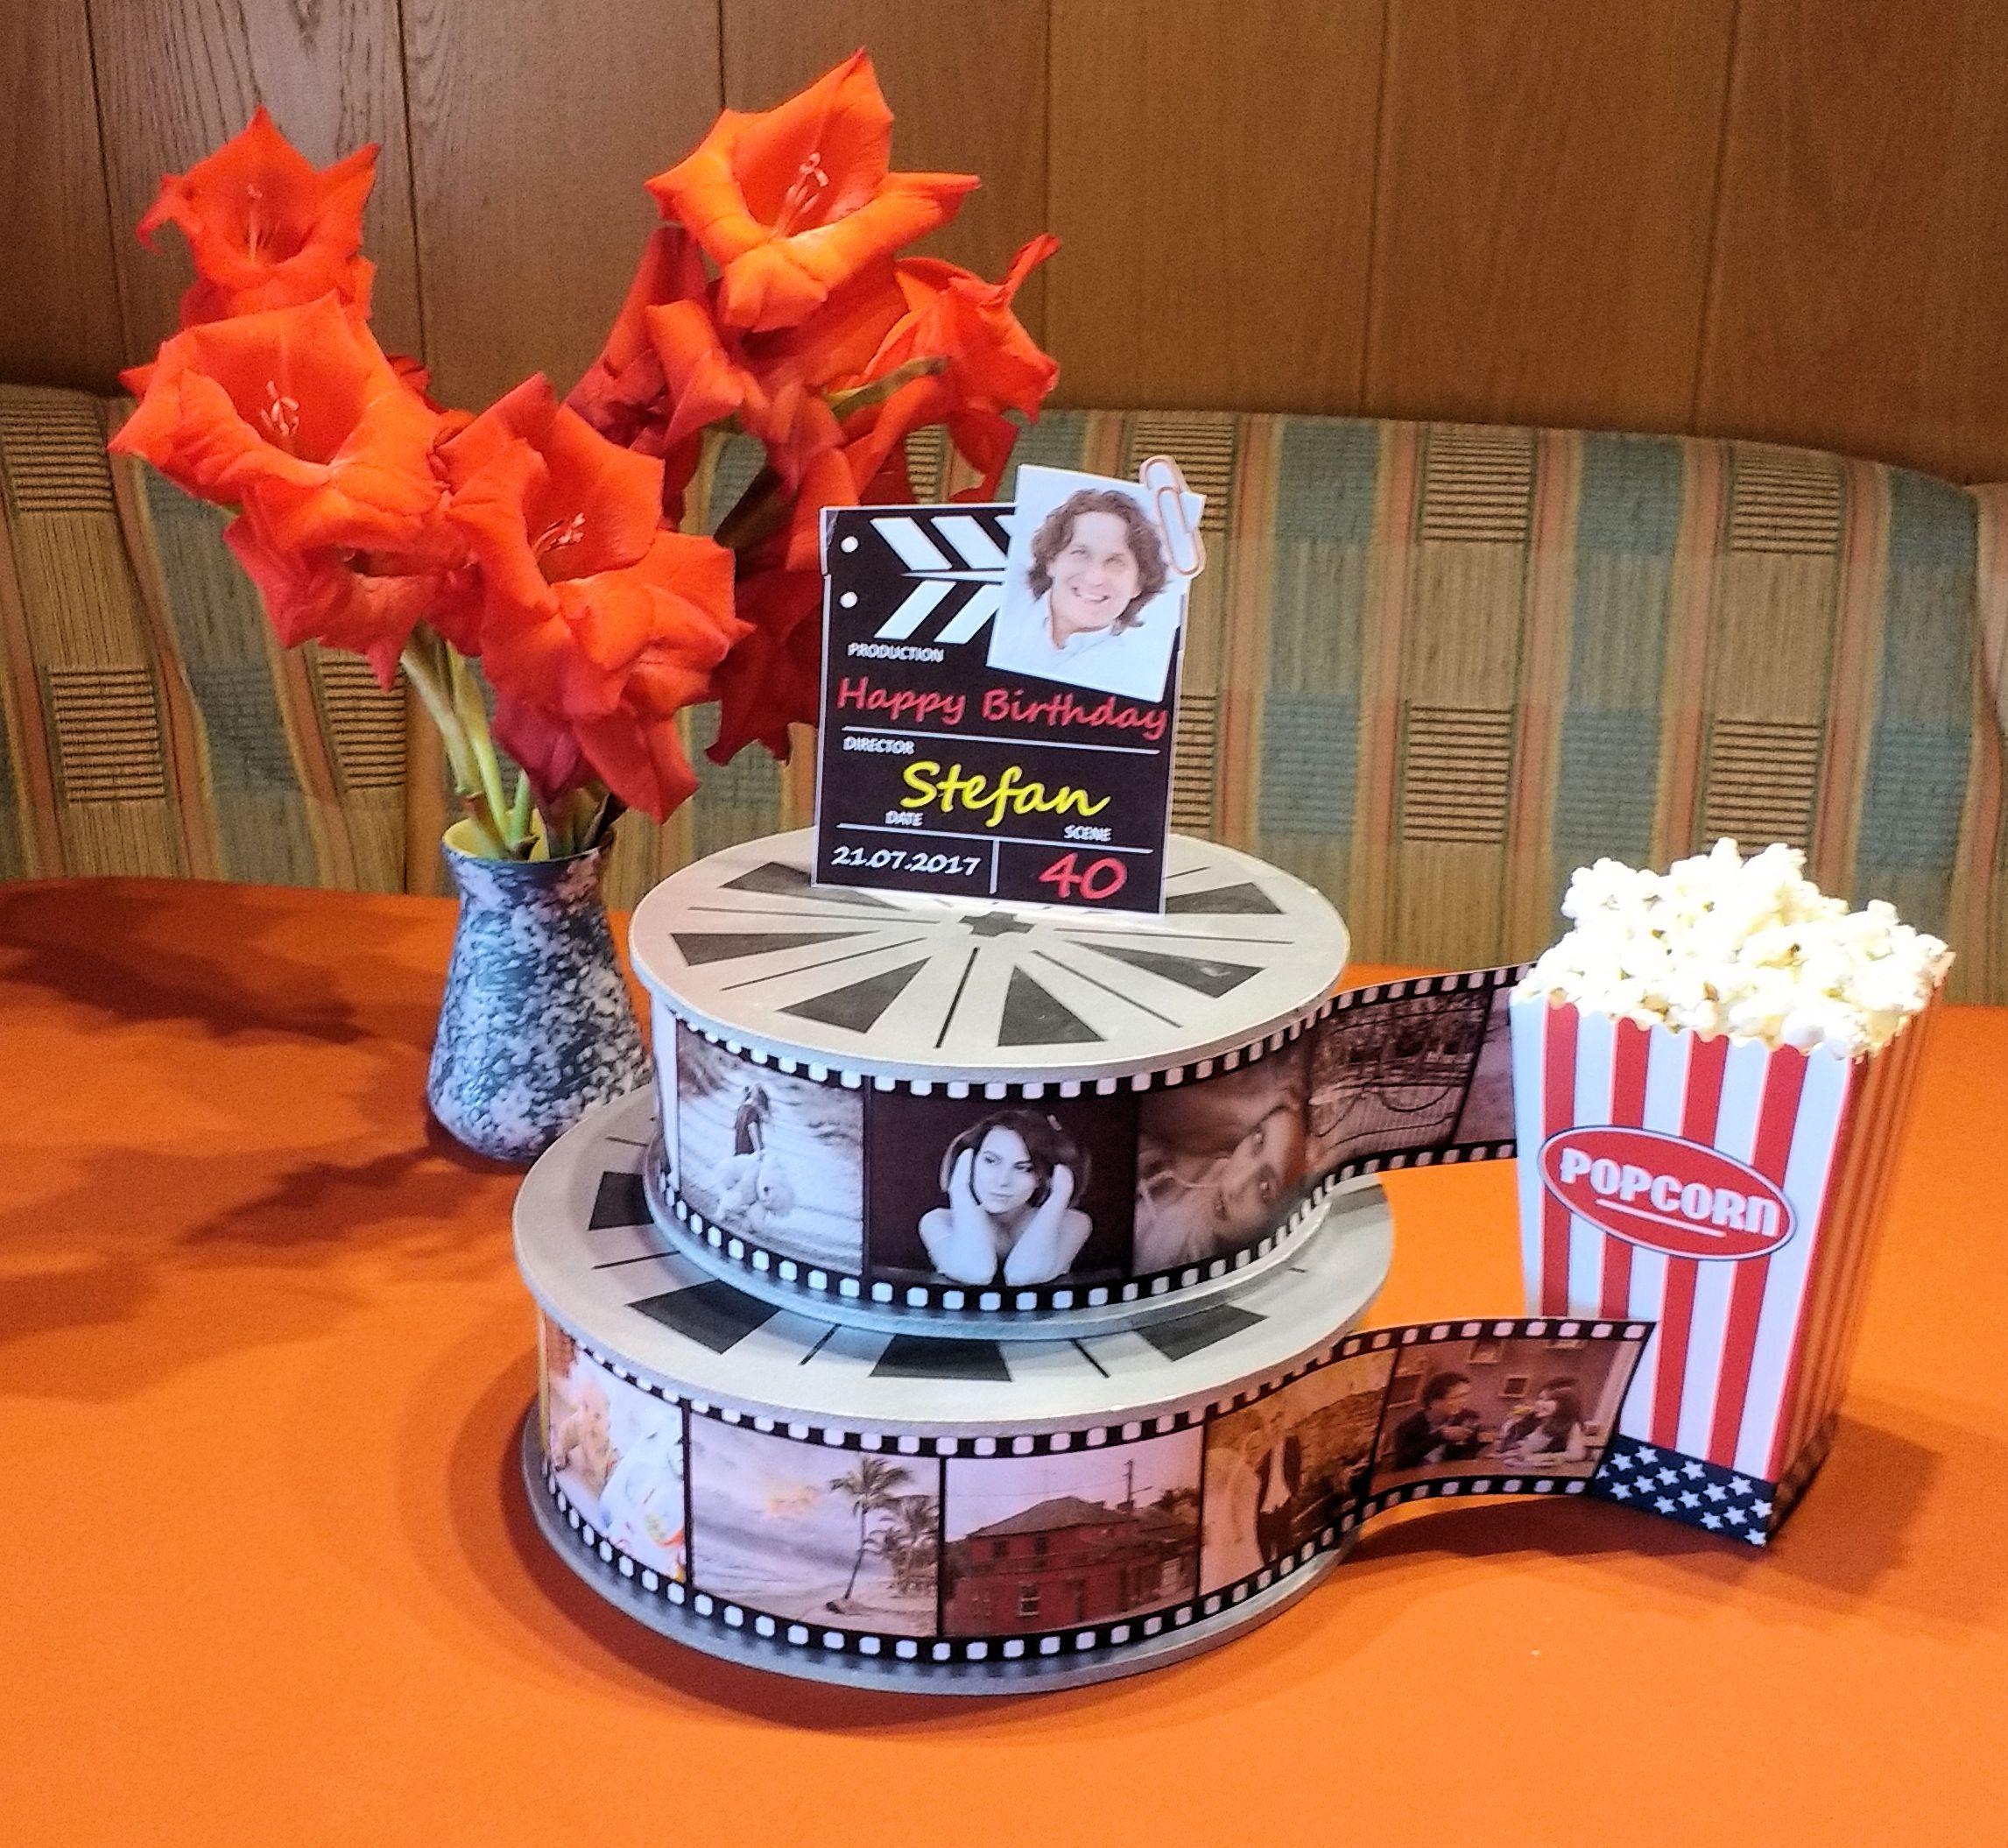 Ein Hingucker für jeden Geburtstag: Filmrollen, Regieklappe und eine Tüte frische Popcorn